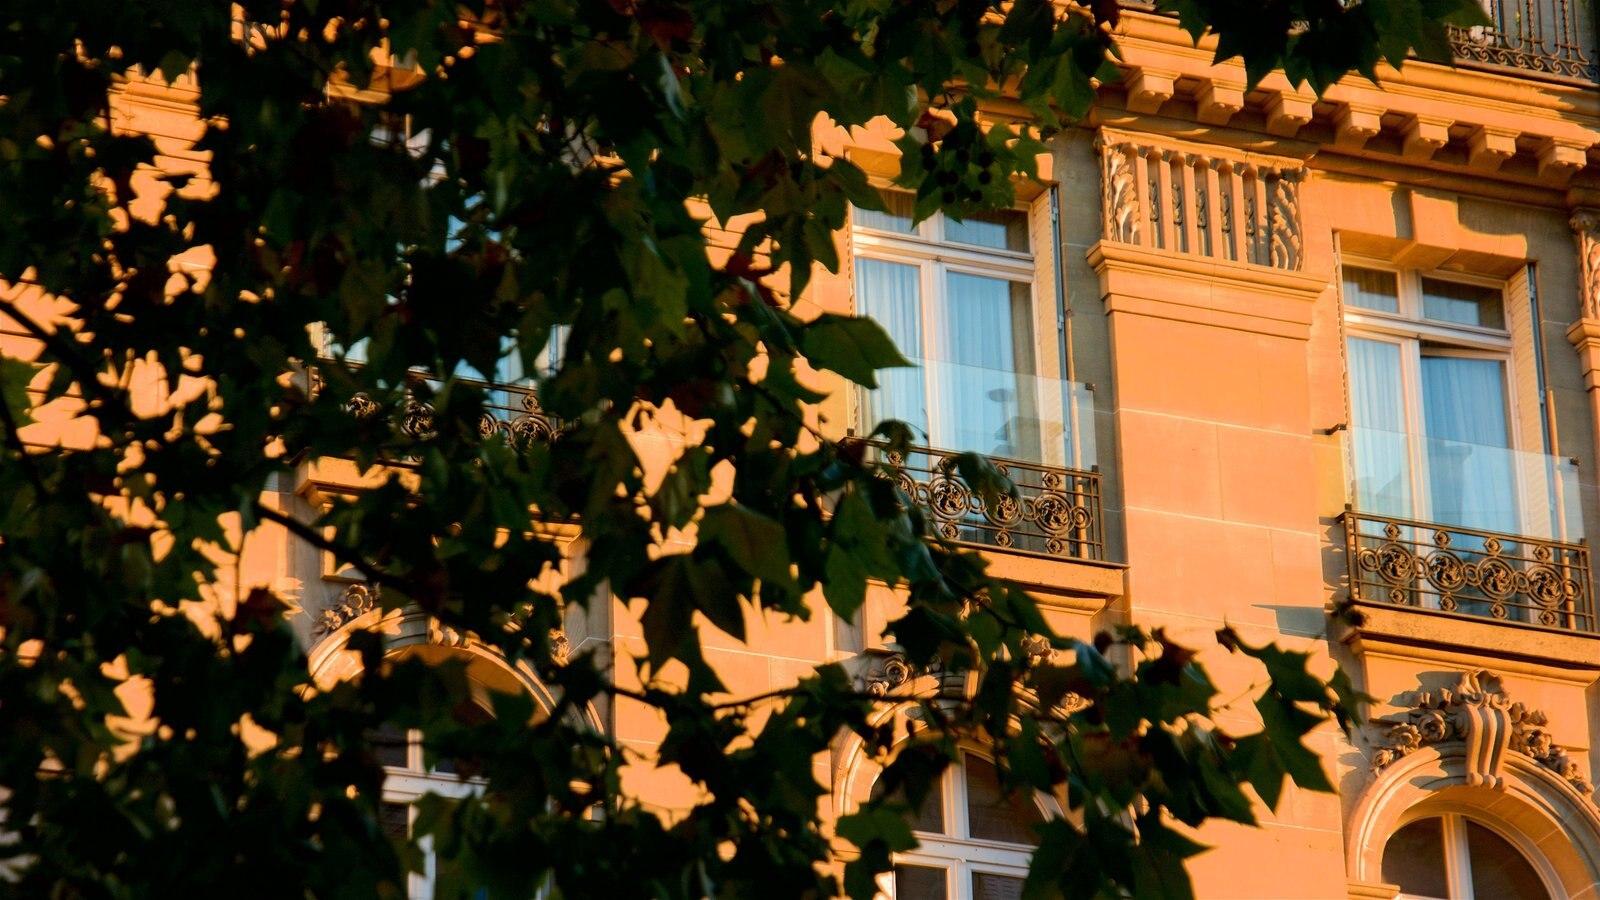 7º Arrondissement mostrando um hotel